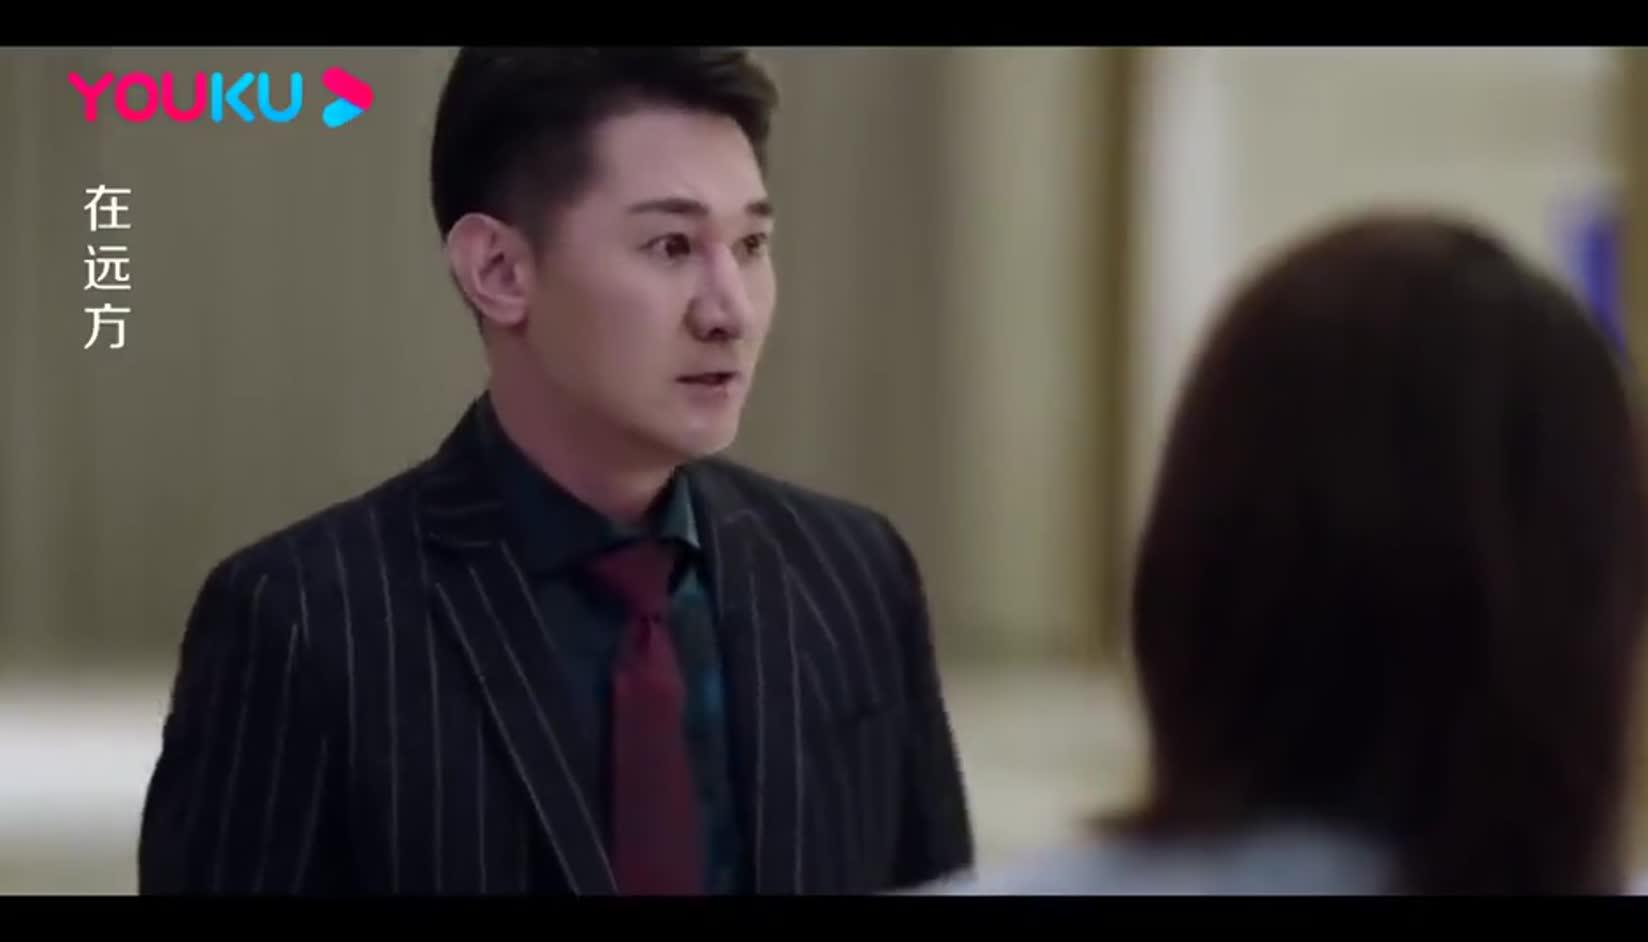 总裁羞辱霍梅,刘云天眼眶微红,下秒晓欧直接泼总裁一脸红酒